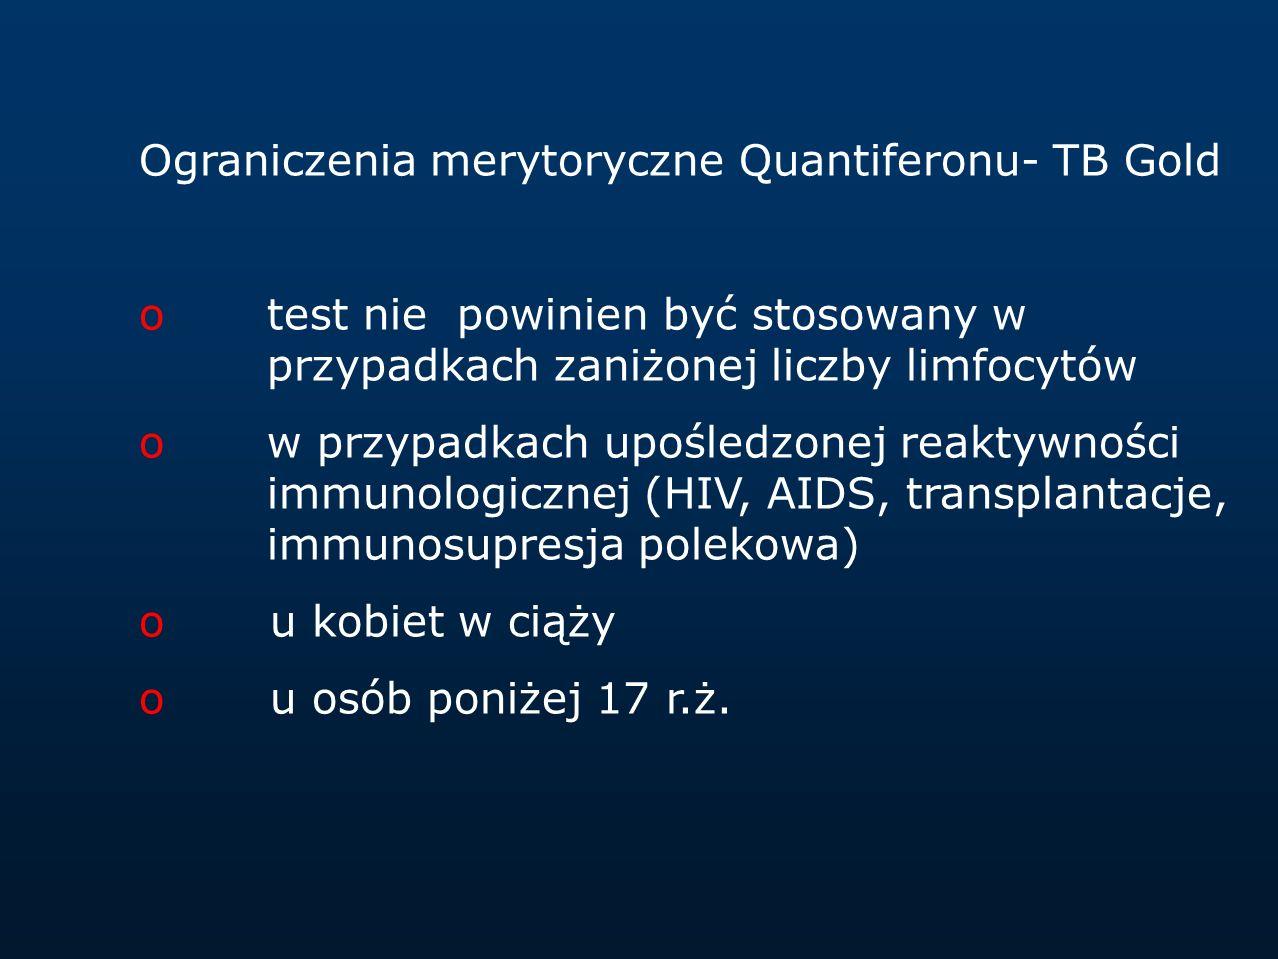 Ograniczenia merytoryczne Quantiferonu- TB Gold otest nie powinien być stosowany w przypadkach zaniżonej liczby limfocytów ow przypadkach upośledzonej